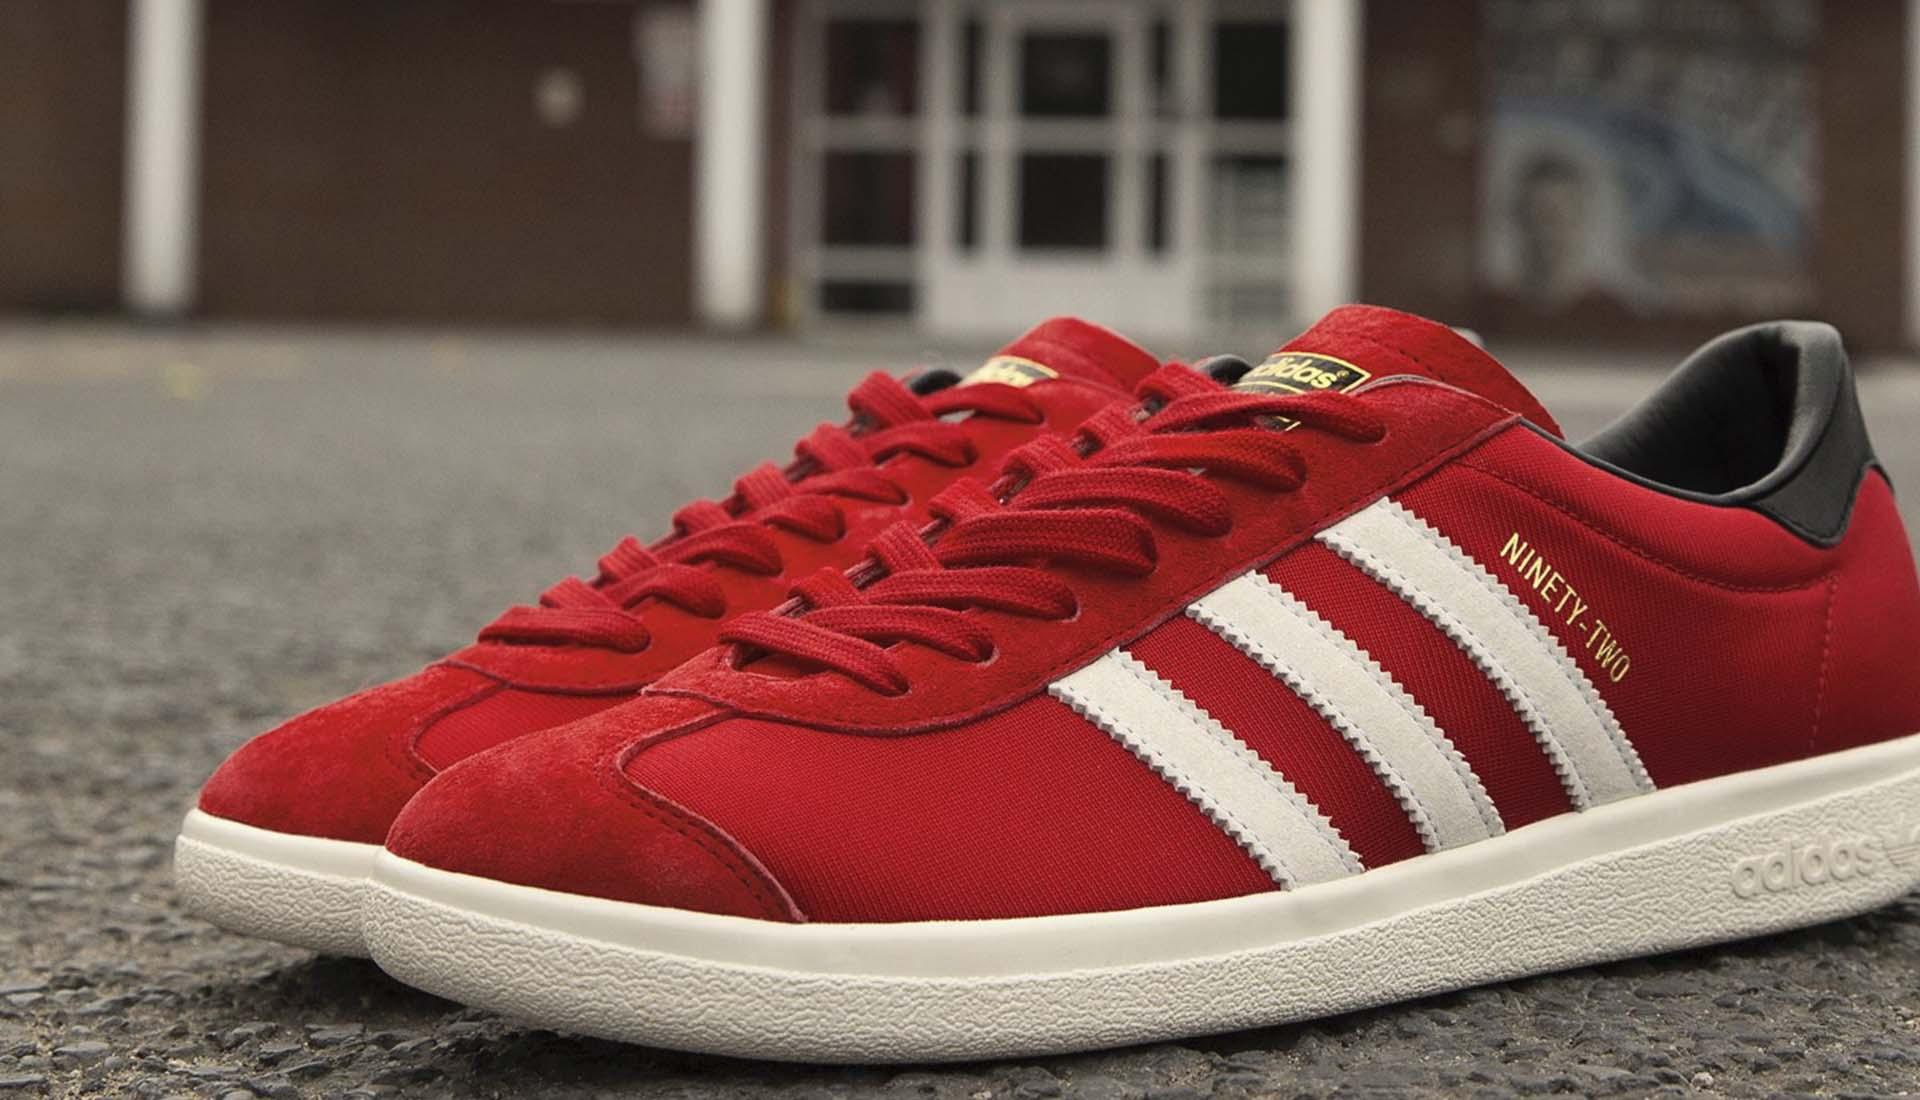 ADIDAS SNEAKER DAMEN: adidas Originals ADITRACK W Sneakers